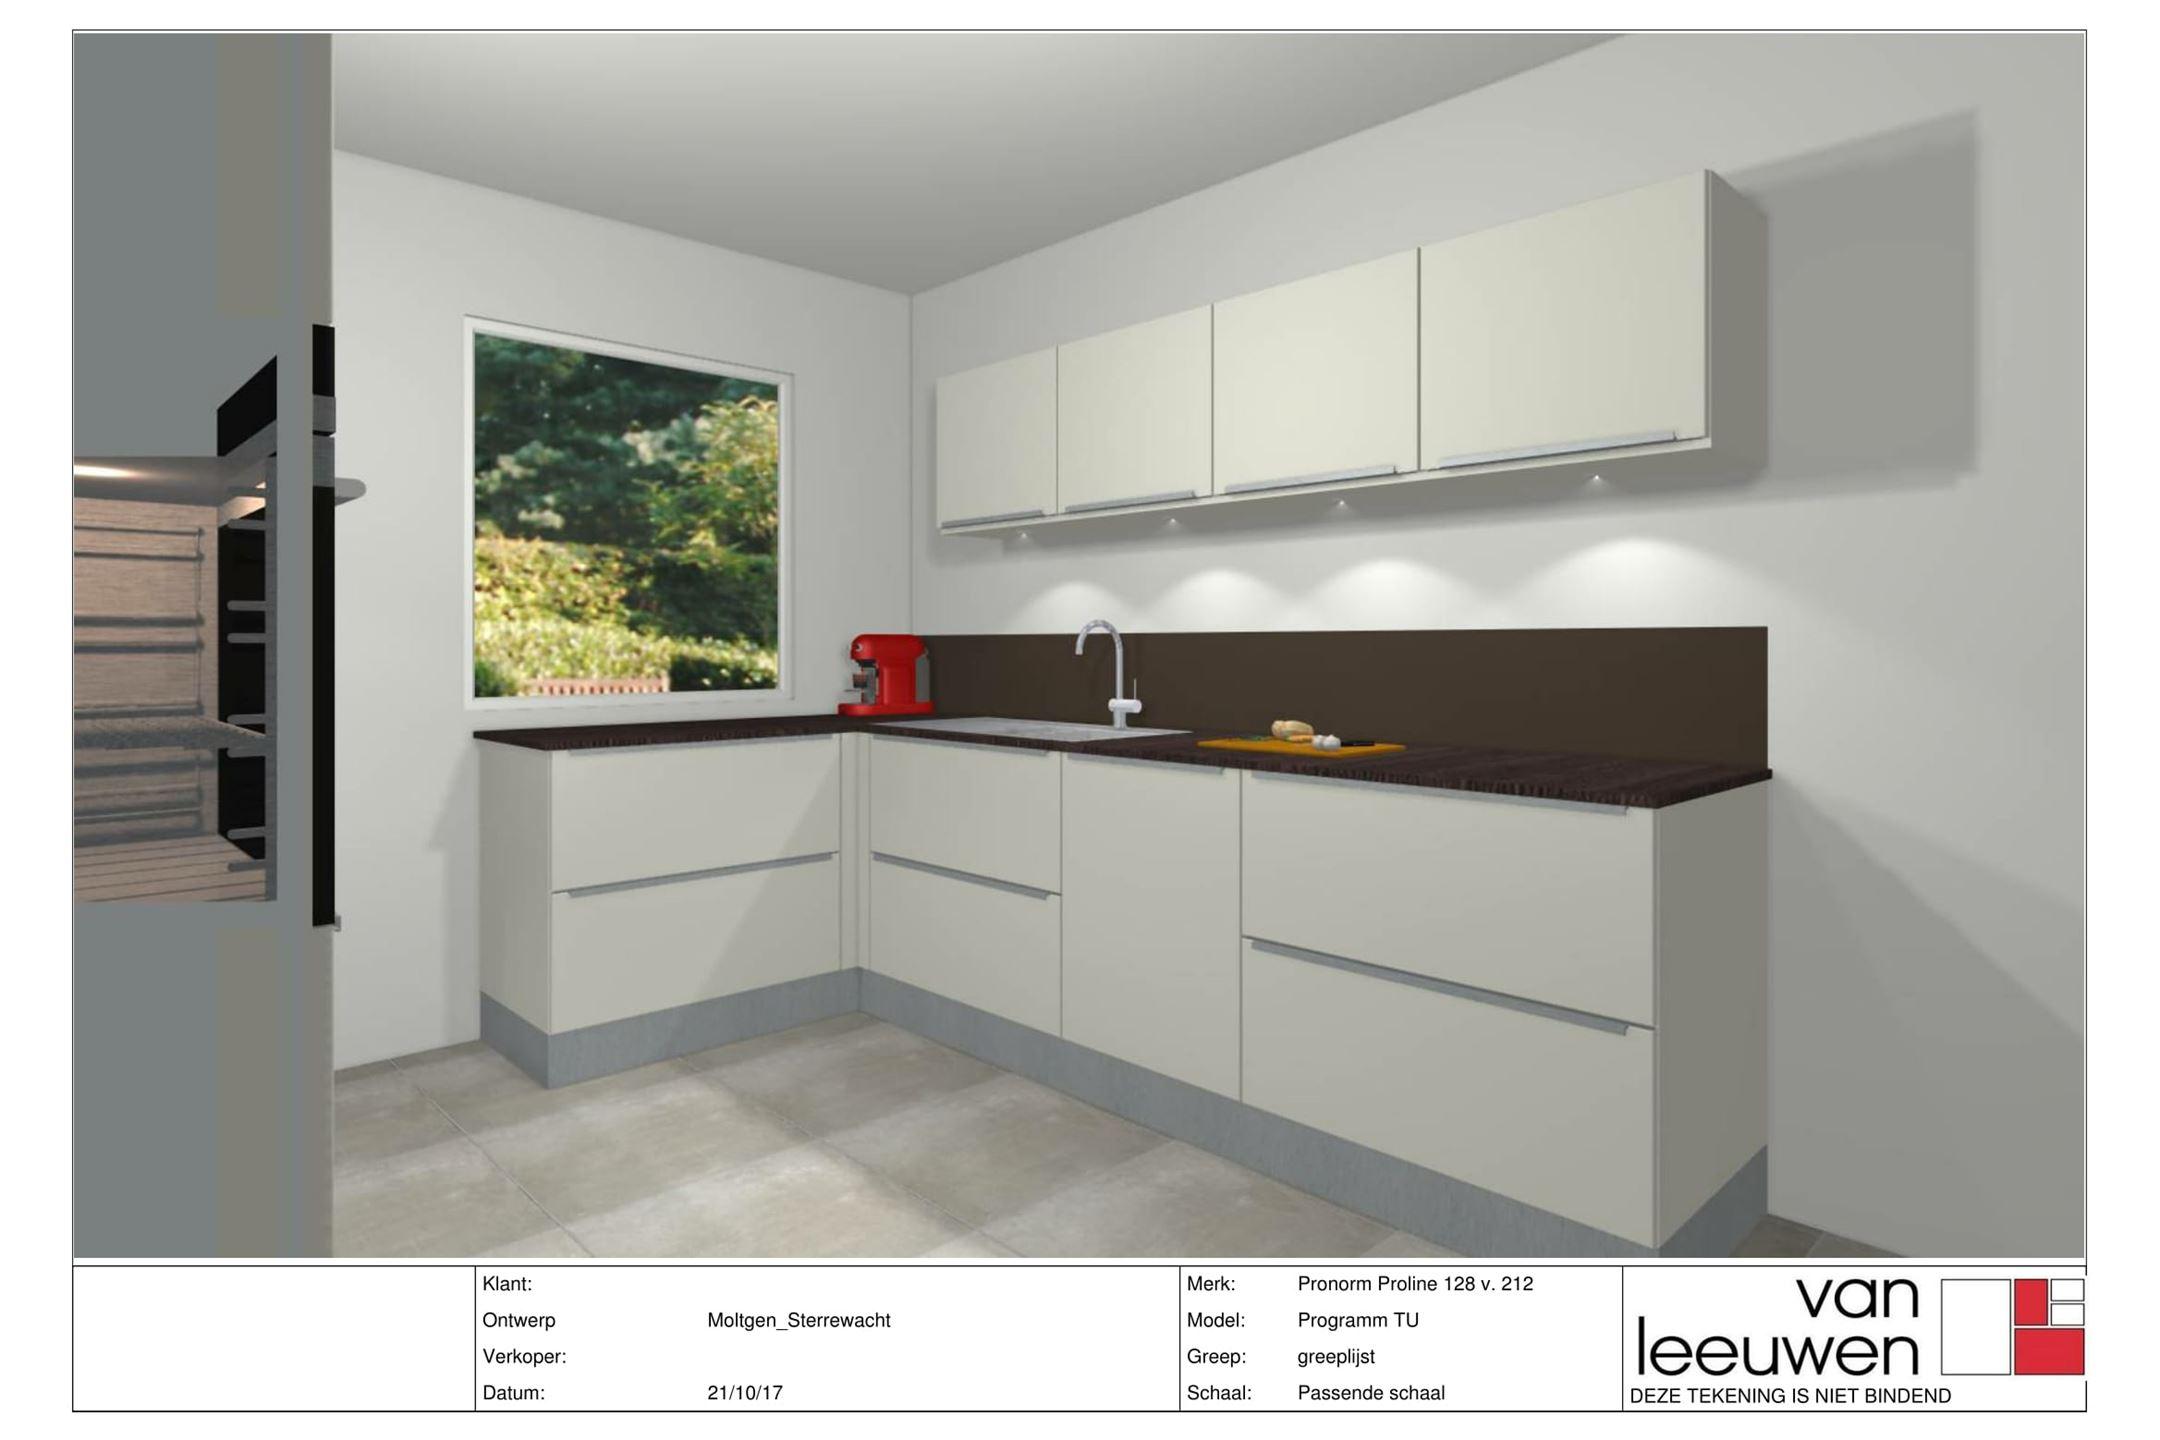 keuken tegels leiden : Huis Te Huur Sterrenwachtlaan 27 2311 Gw Leiden Funda